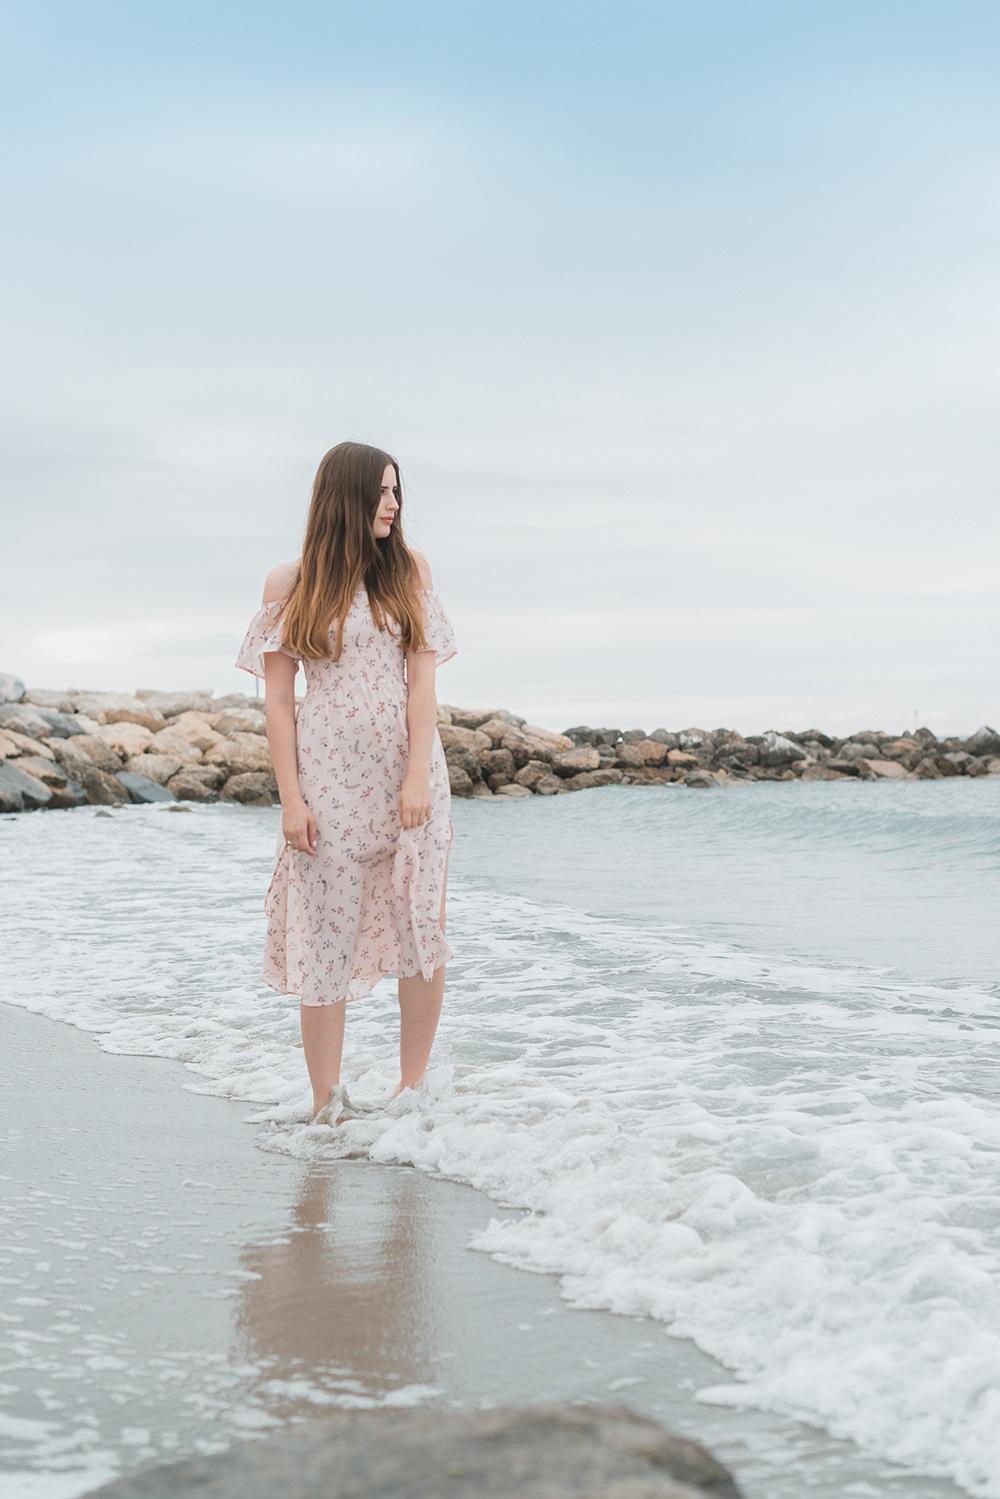 andysparkles-fashionblogger-schoene-urlaubsbilder